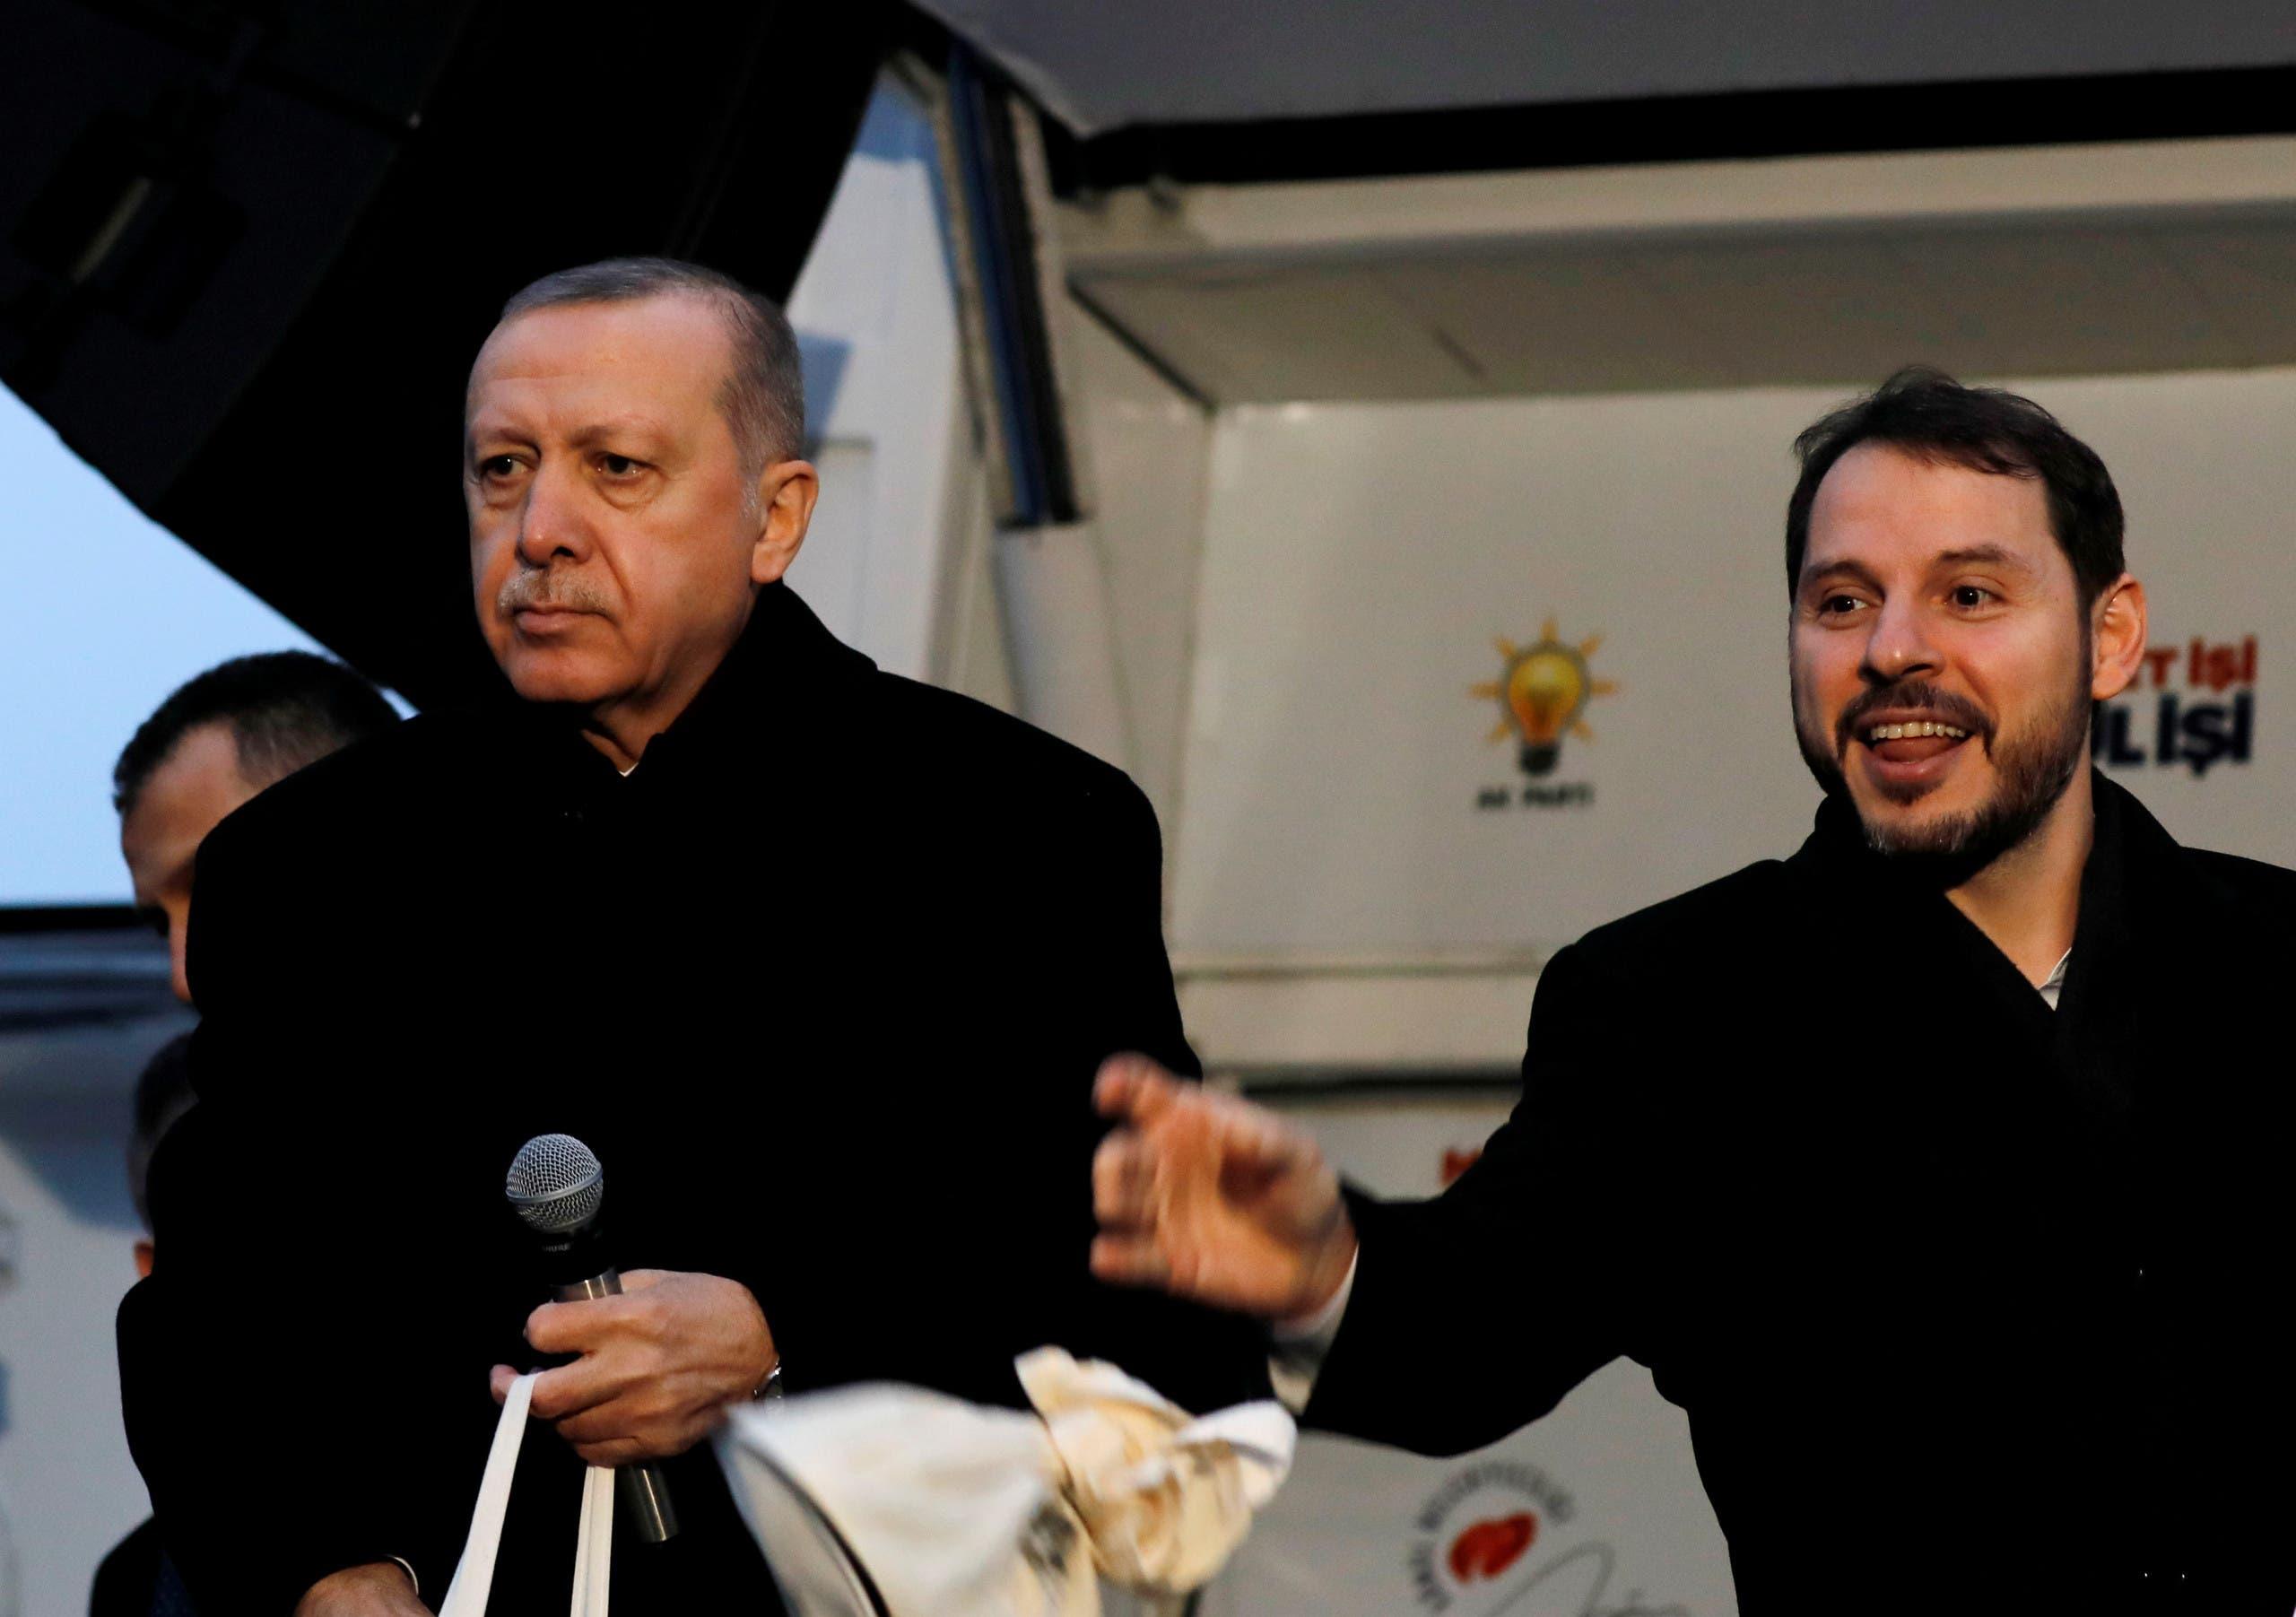 أردوغان مع صهره بيرات البيرق